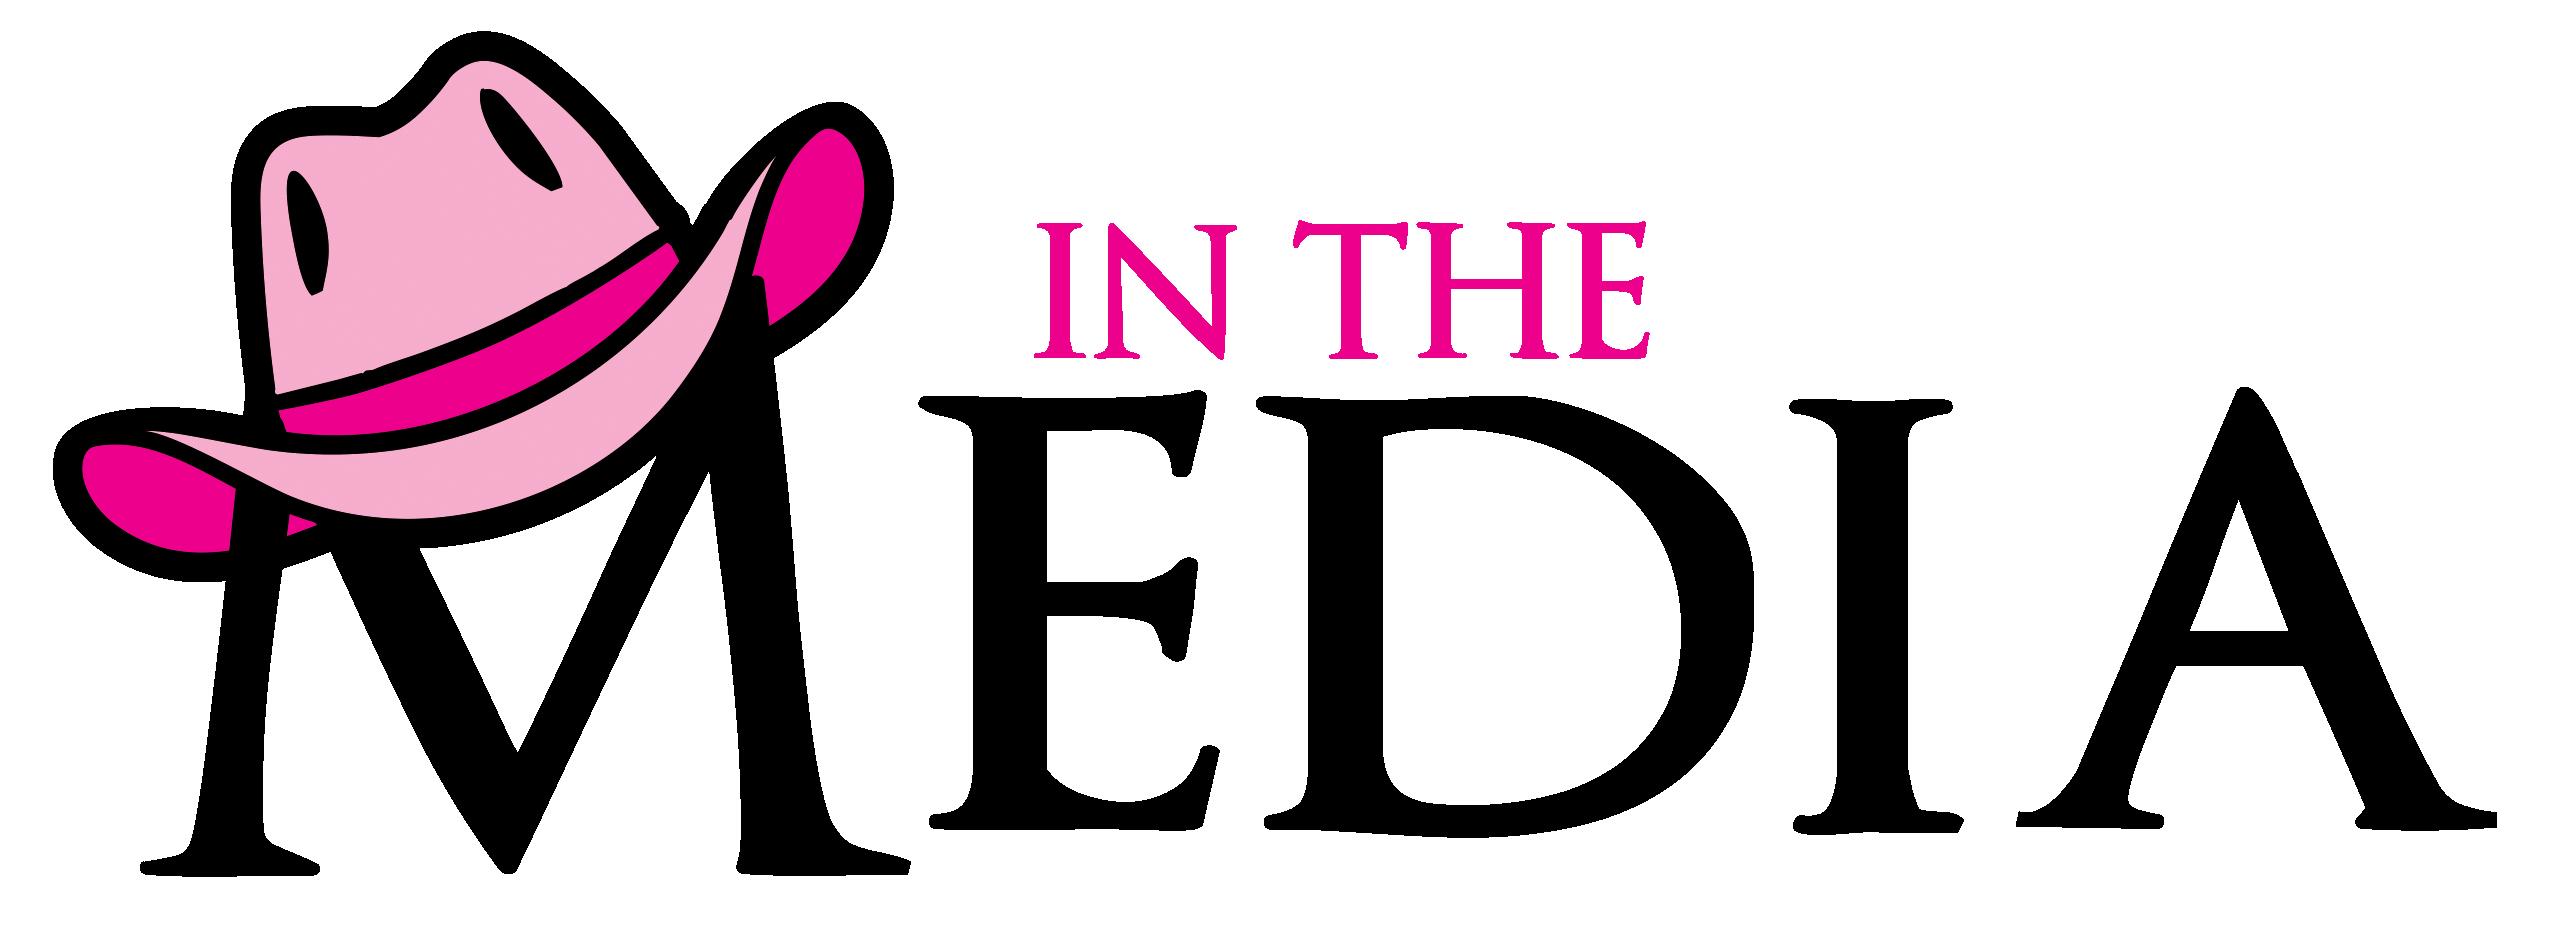 In The Media Logo